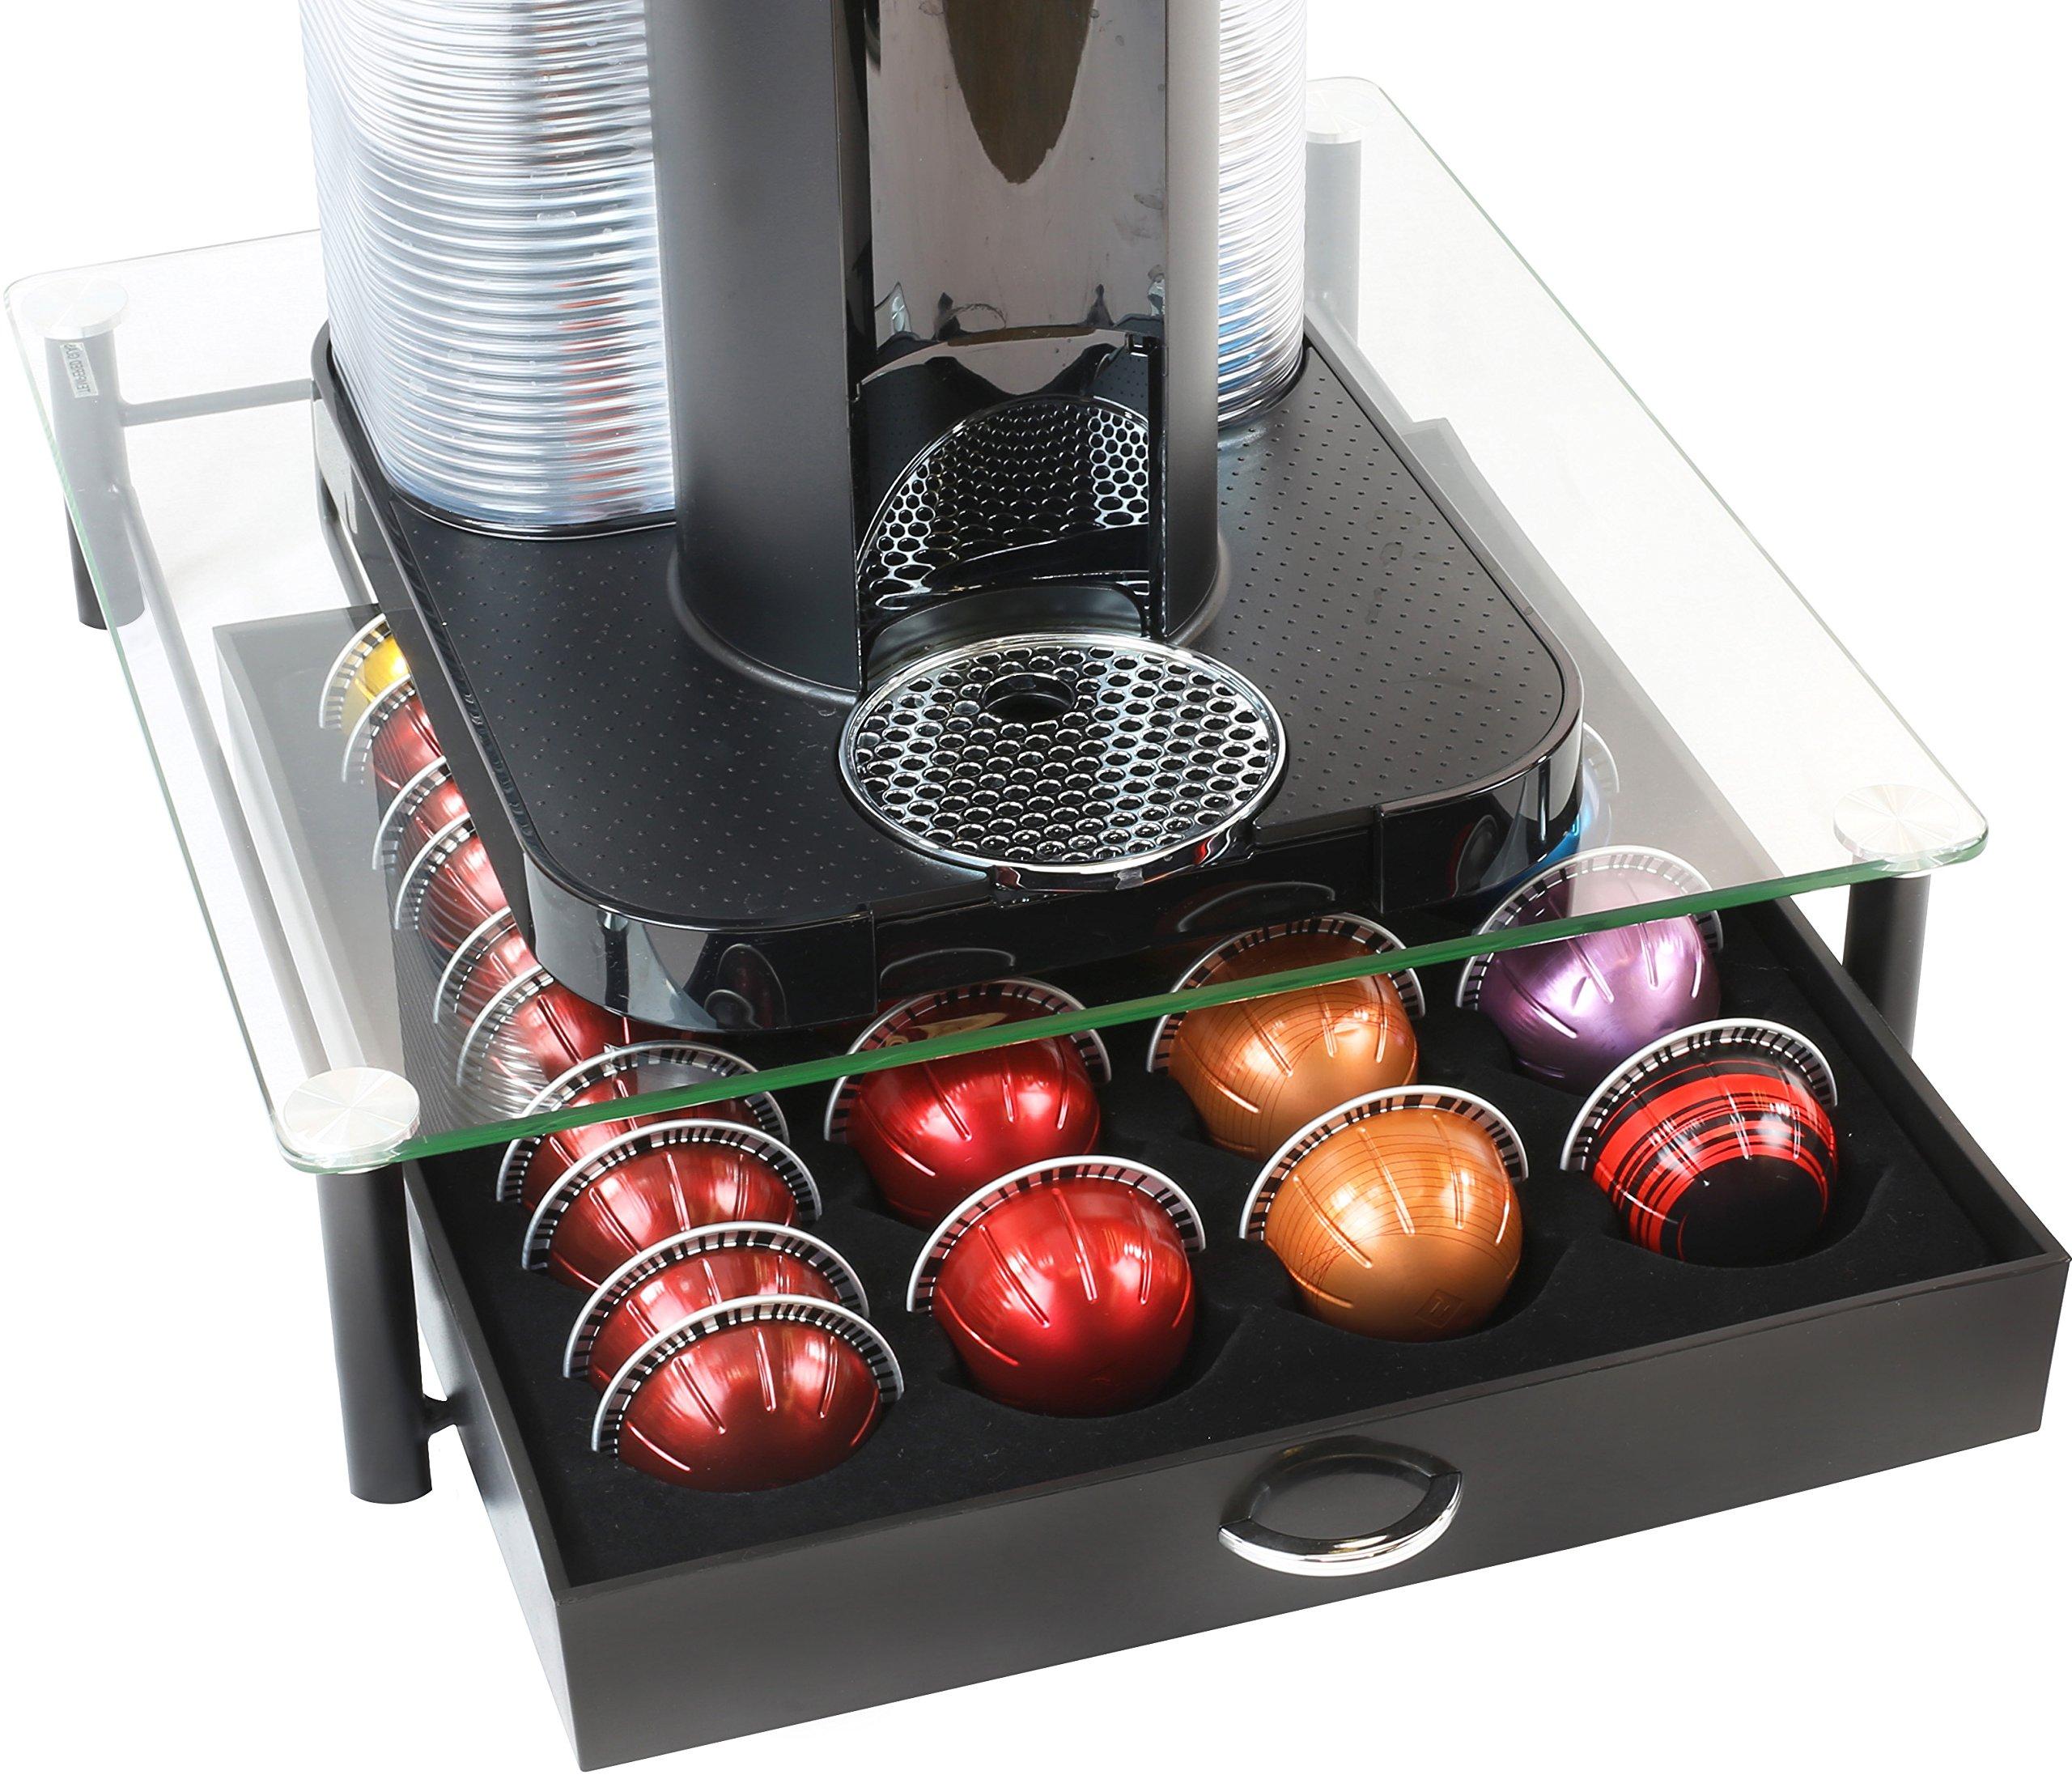 DecoBros Tempered Nespresso Vertuoline Capsules